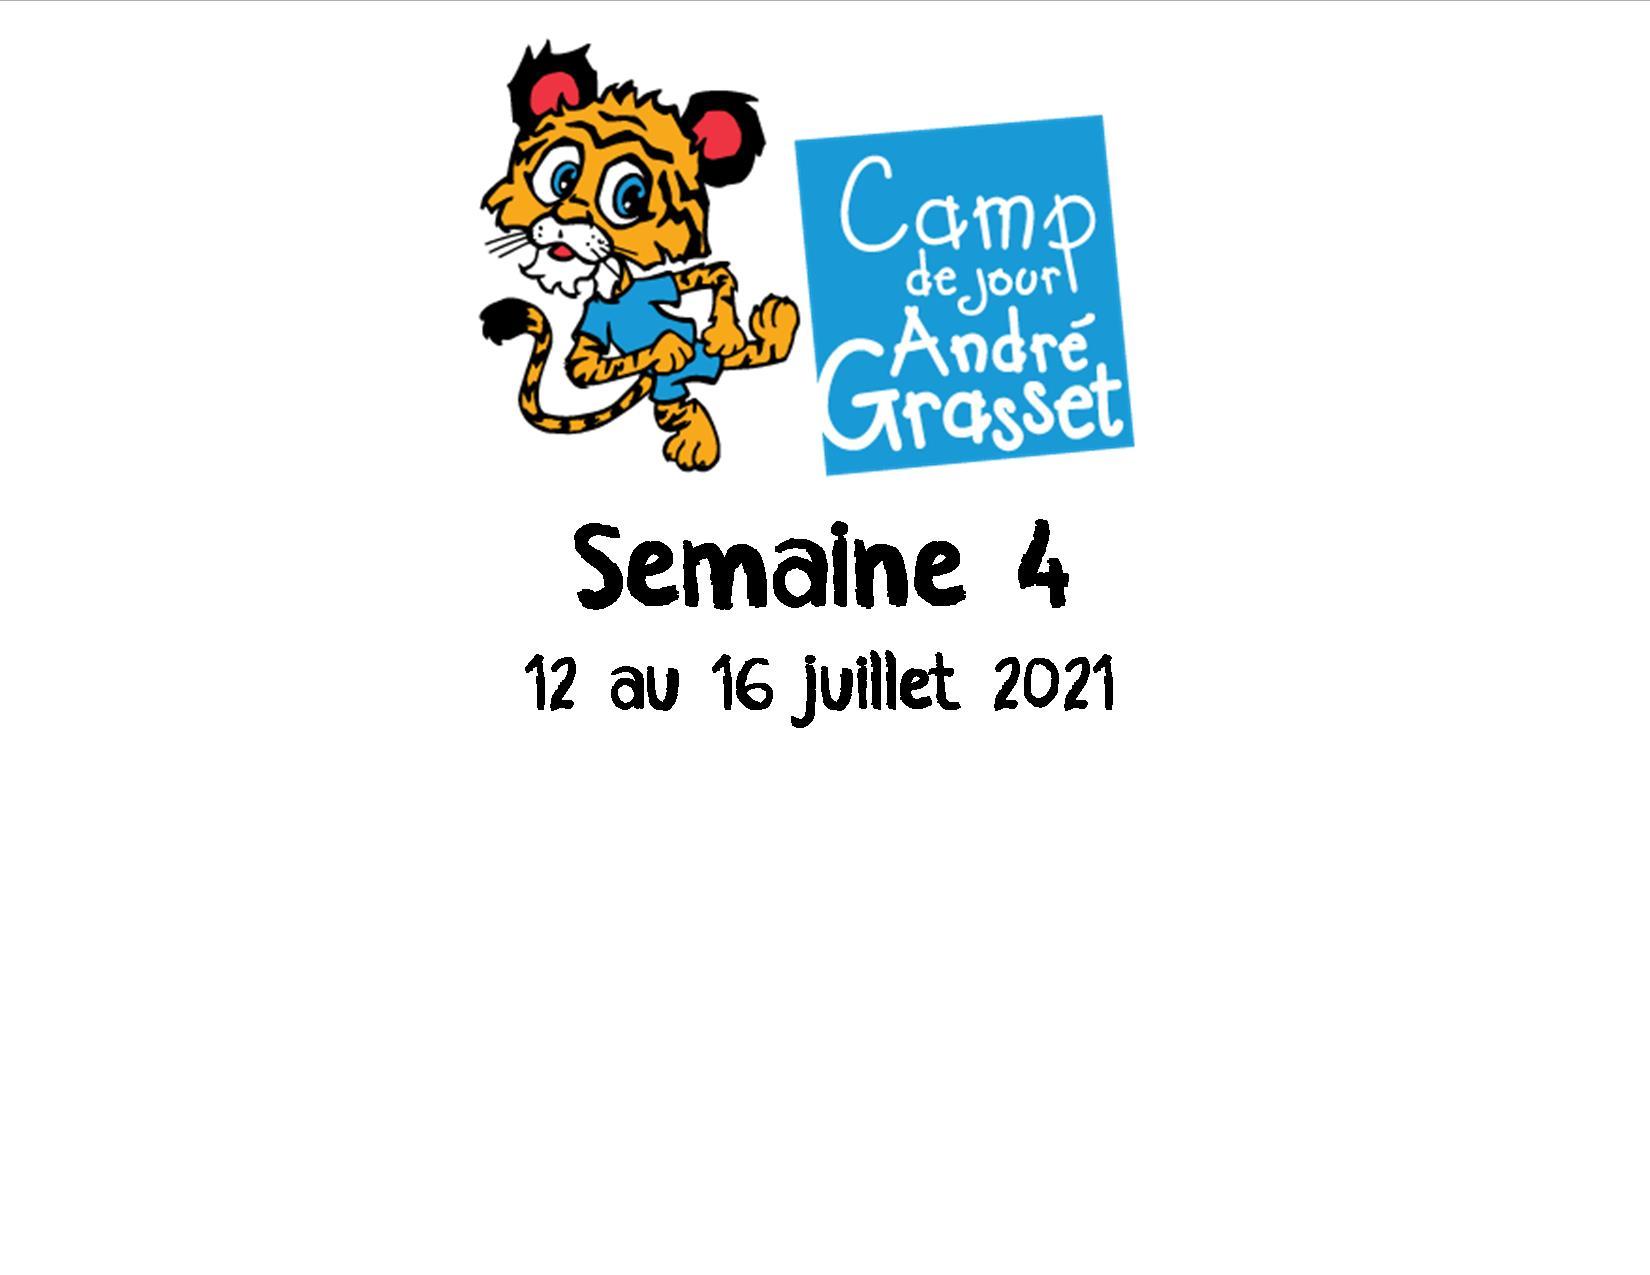 Semaine 4 (12 au 16 juillet 2021)